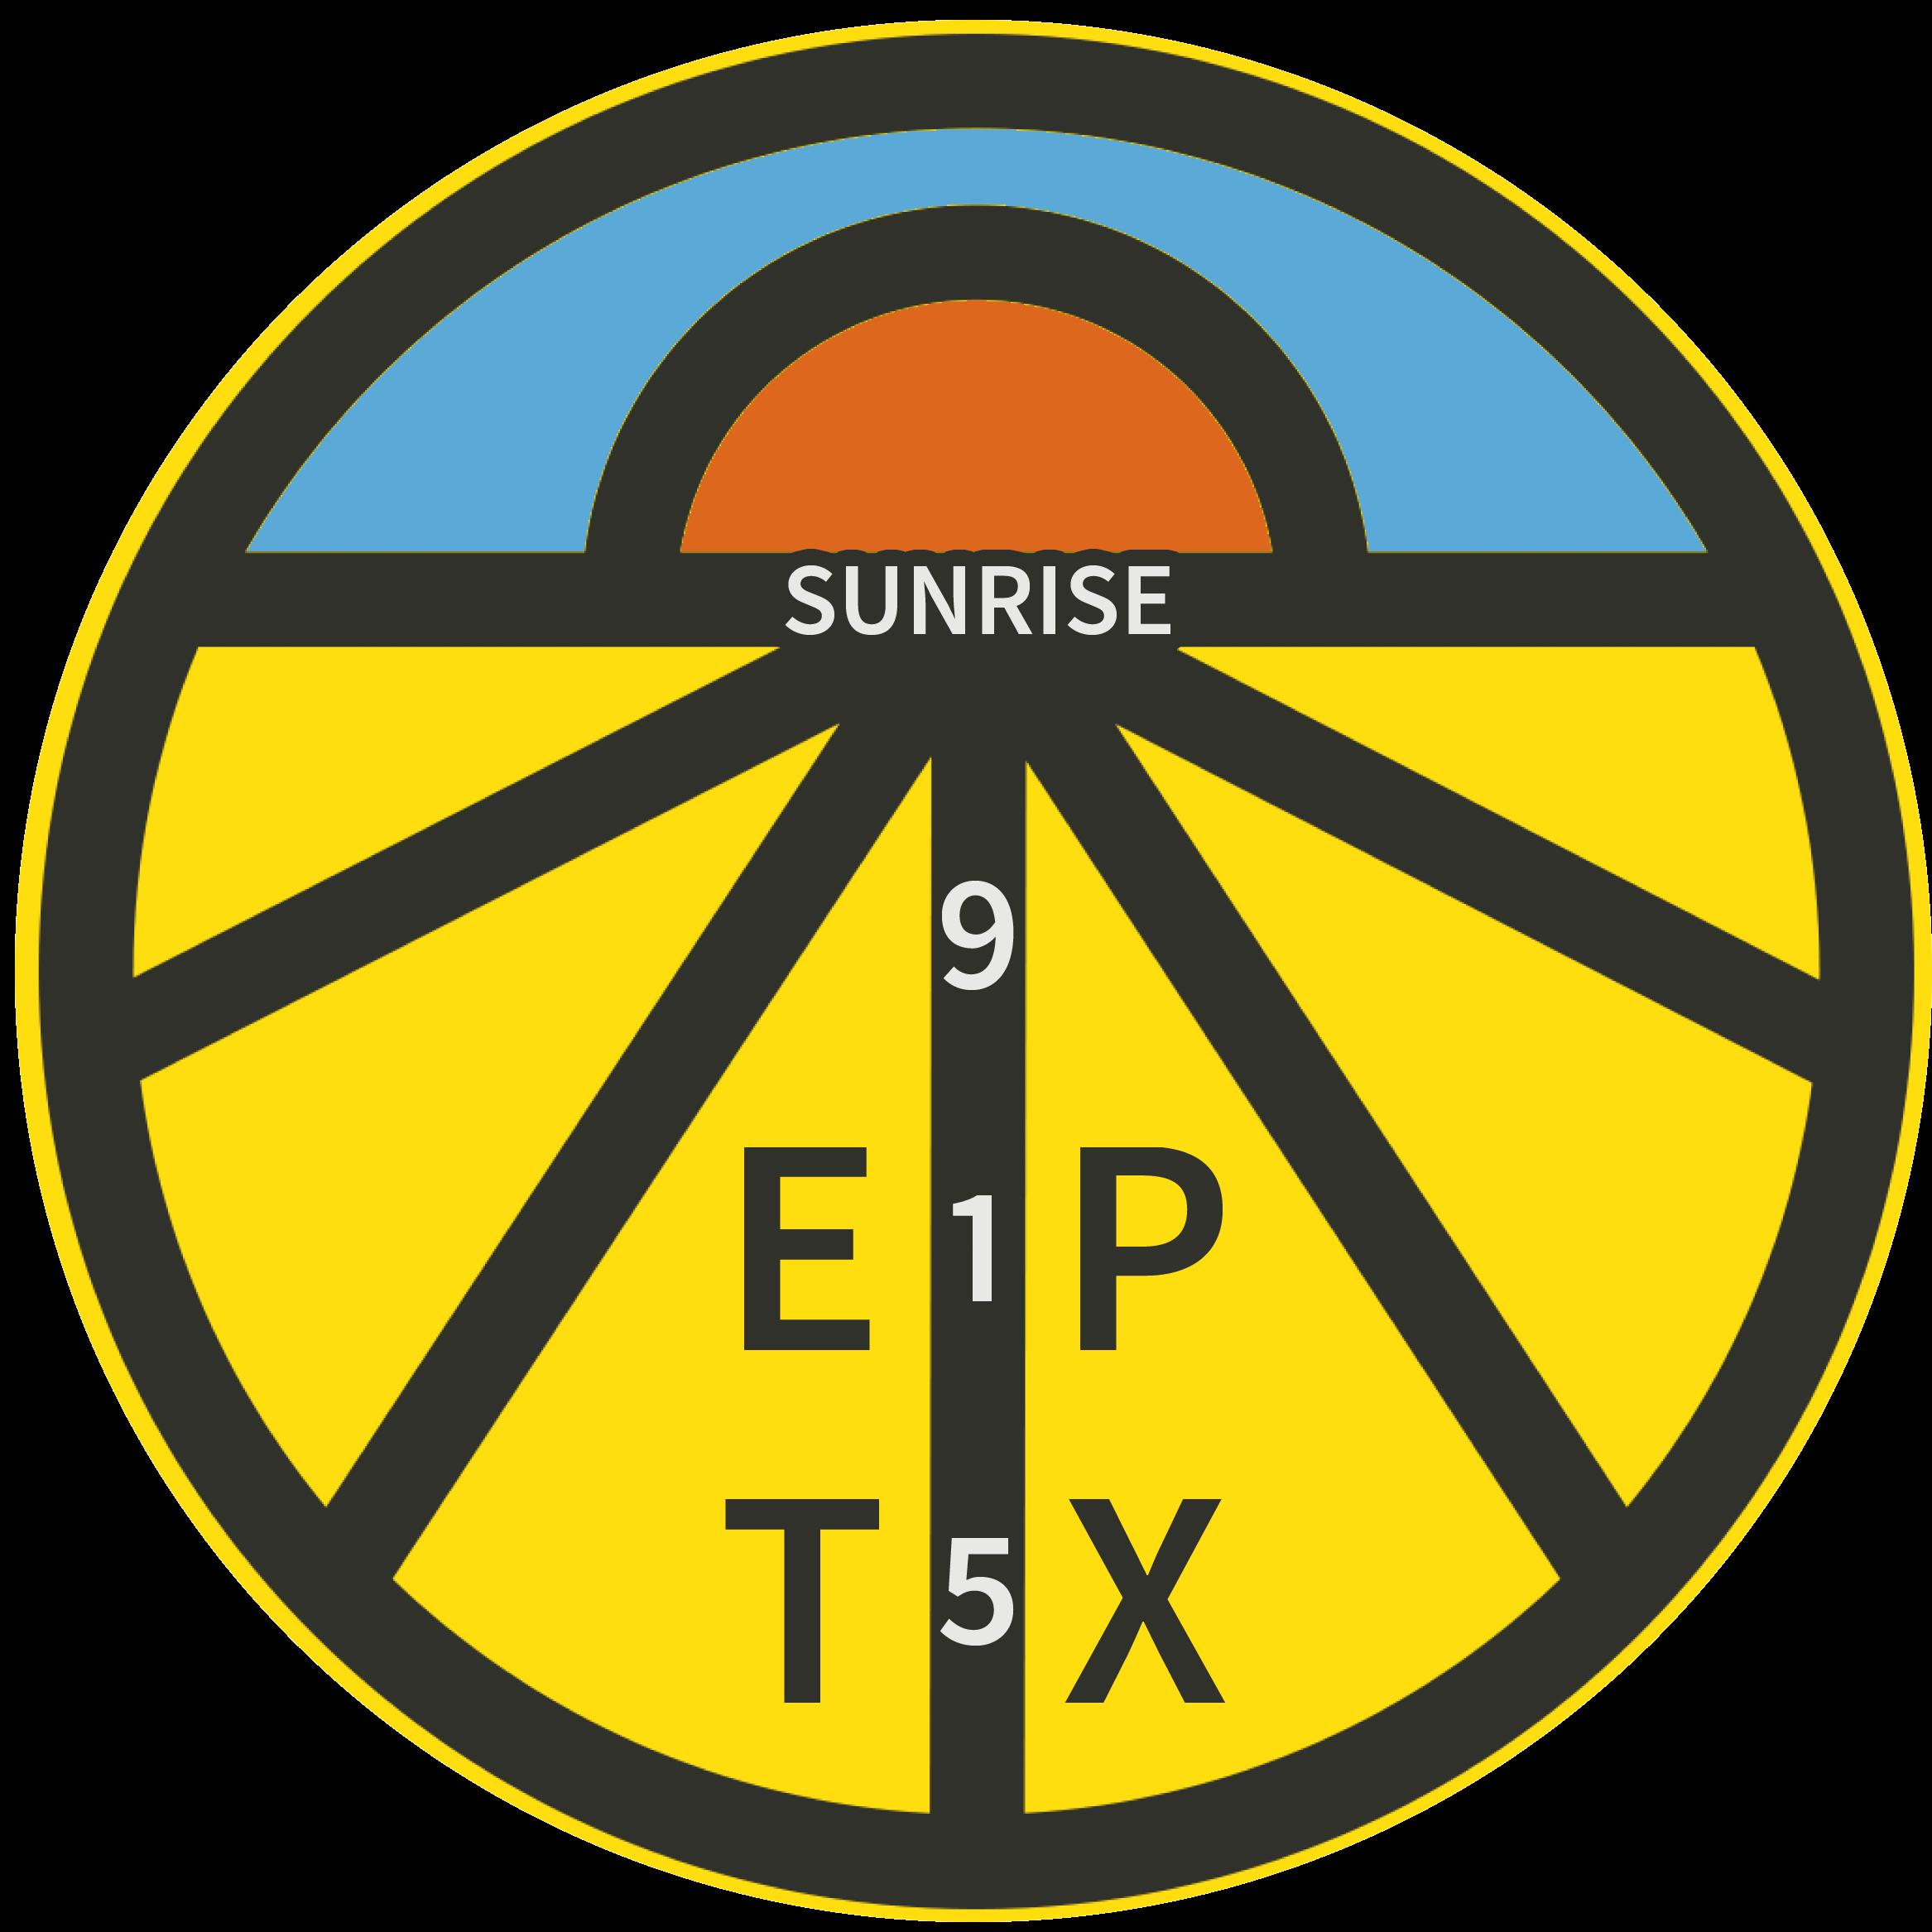 @sunriseeptx Profile Image   Linktree